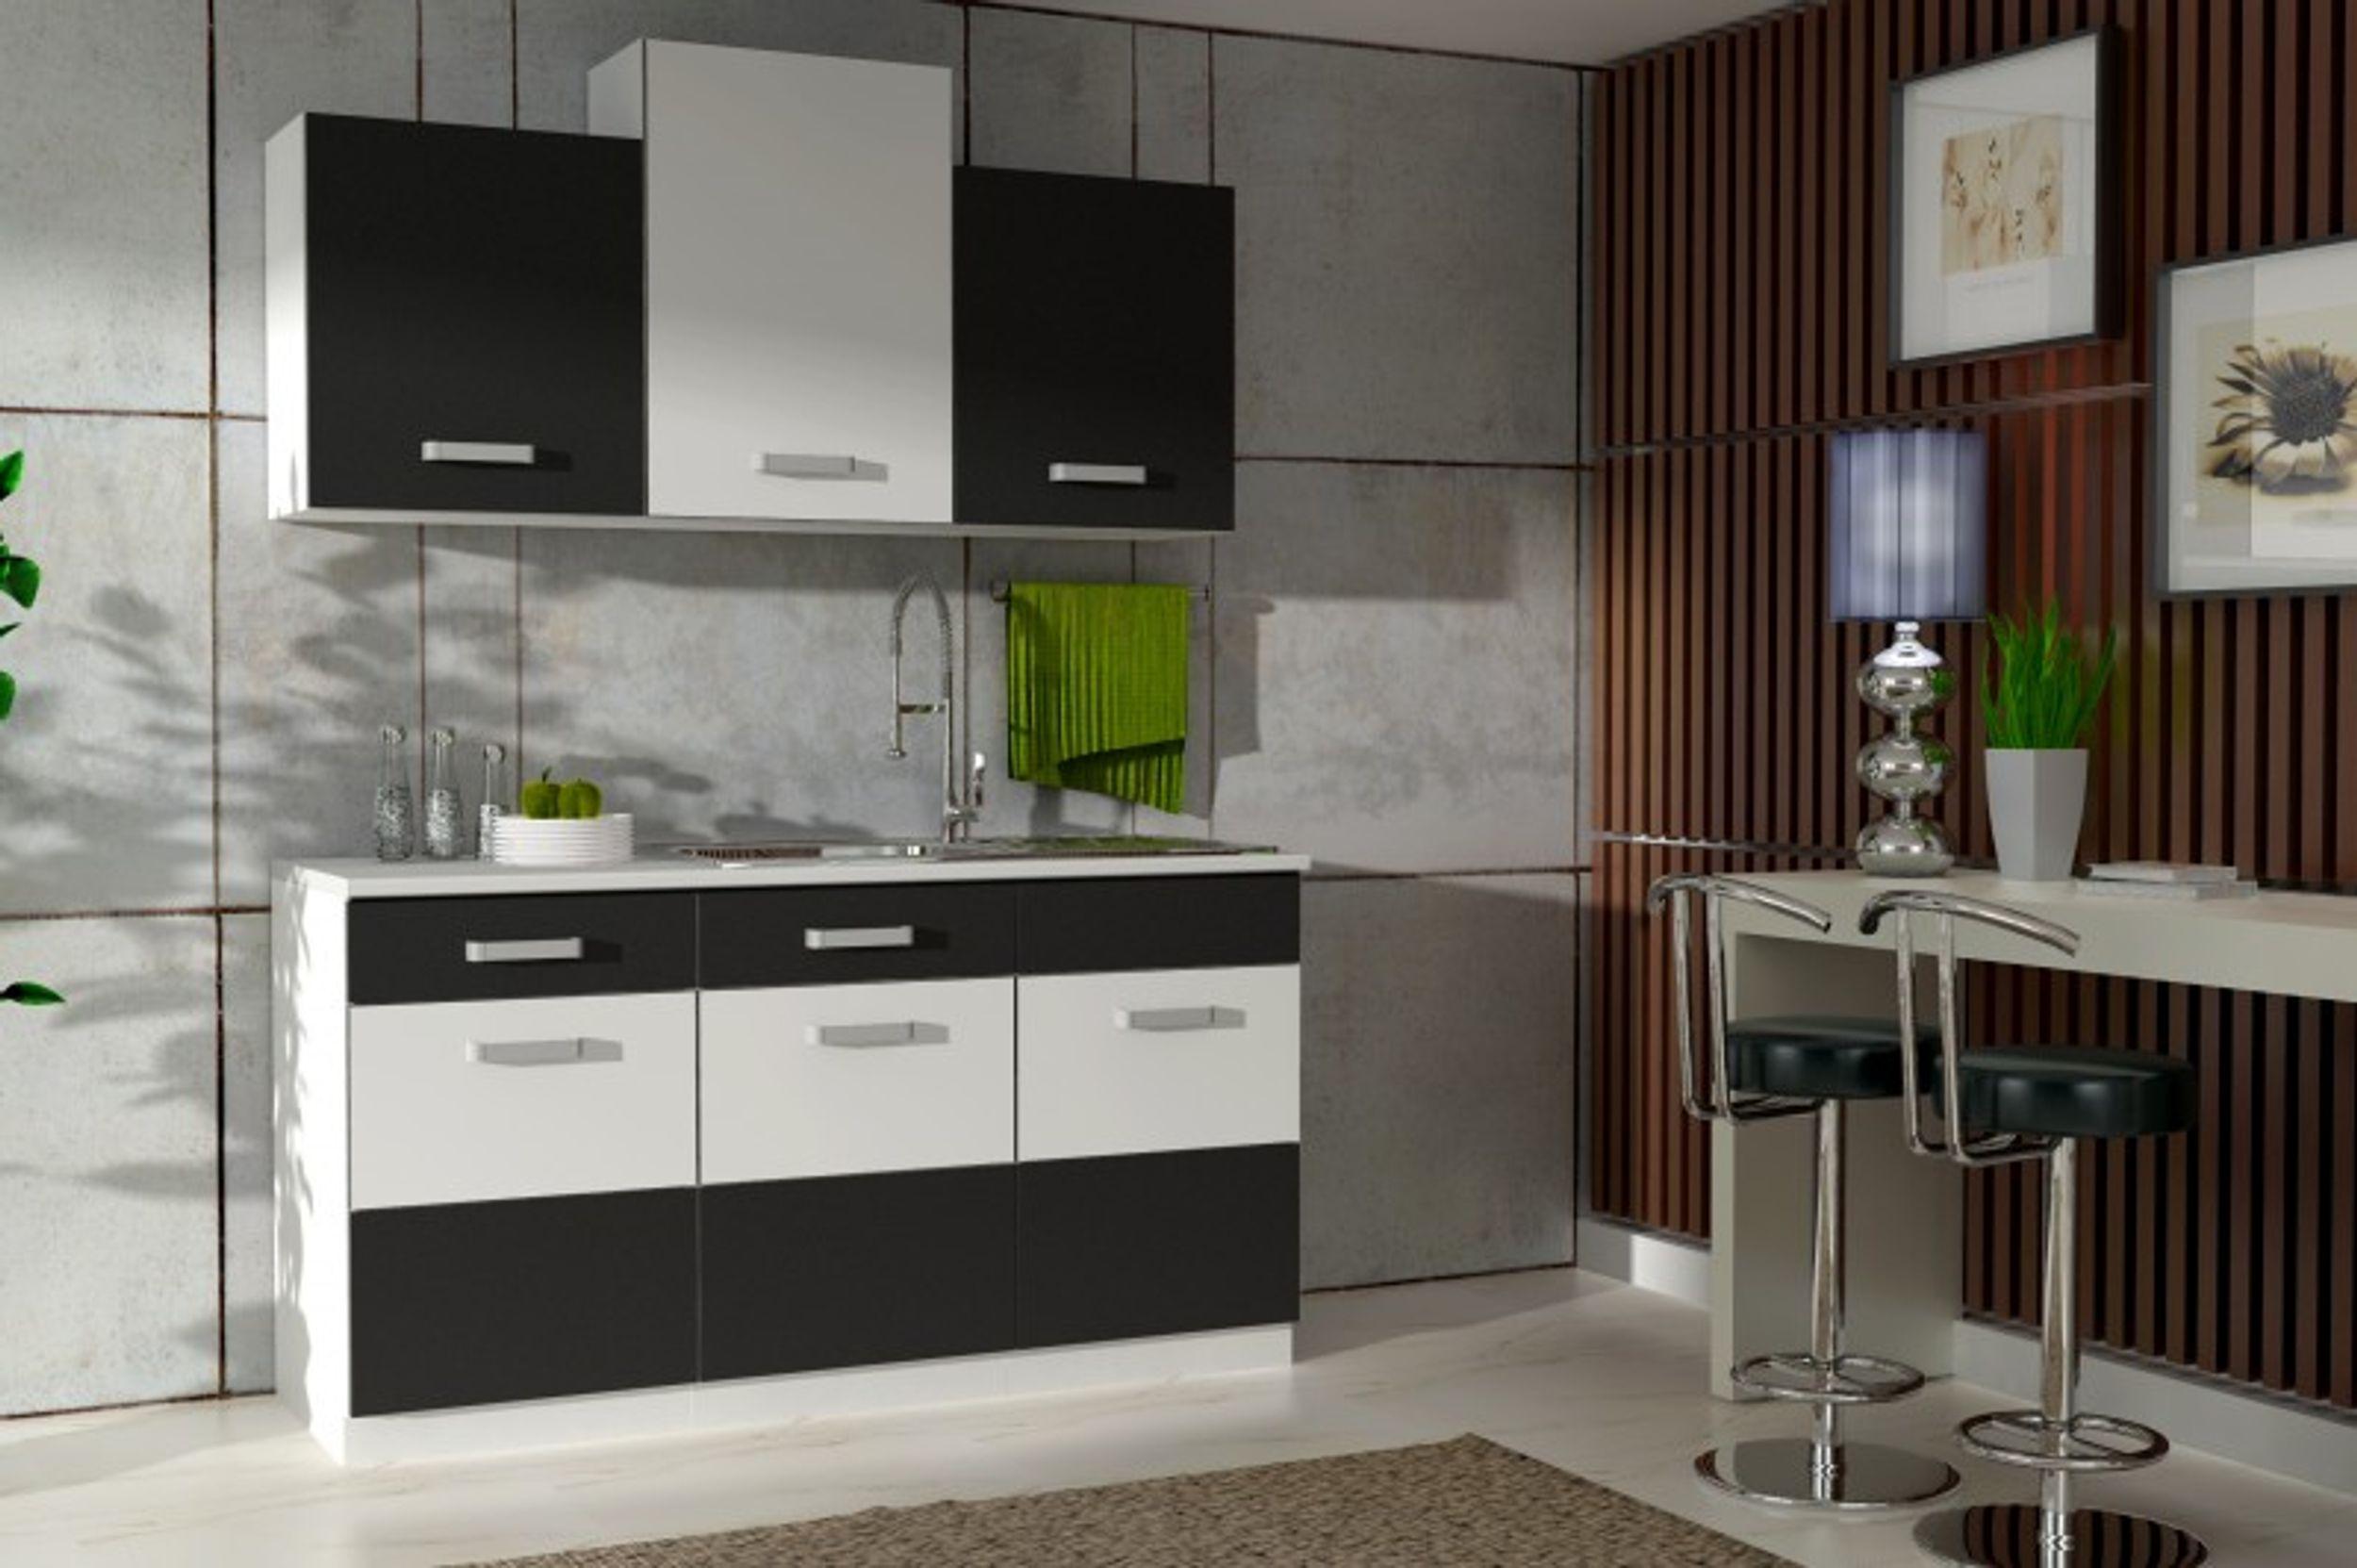 Küche Fabienne 150 cm Küchenzeile in schwarz / weiß - Küchenblock ...